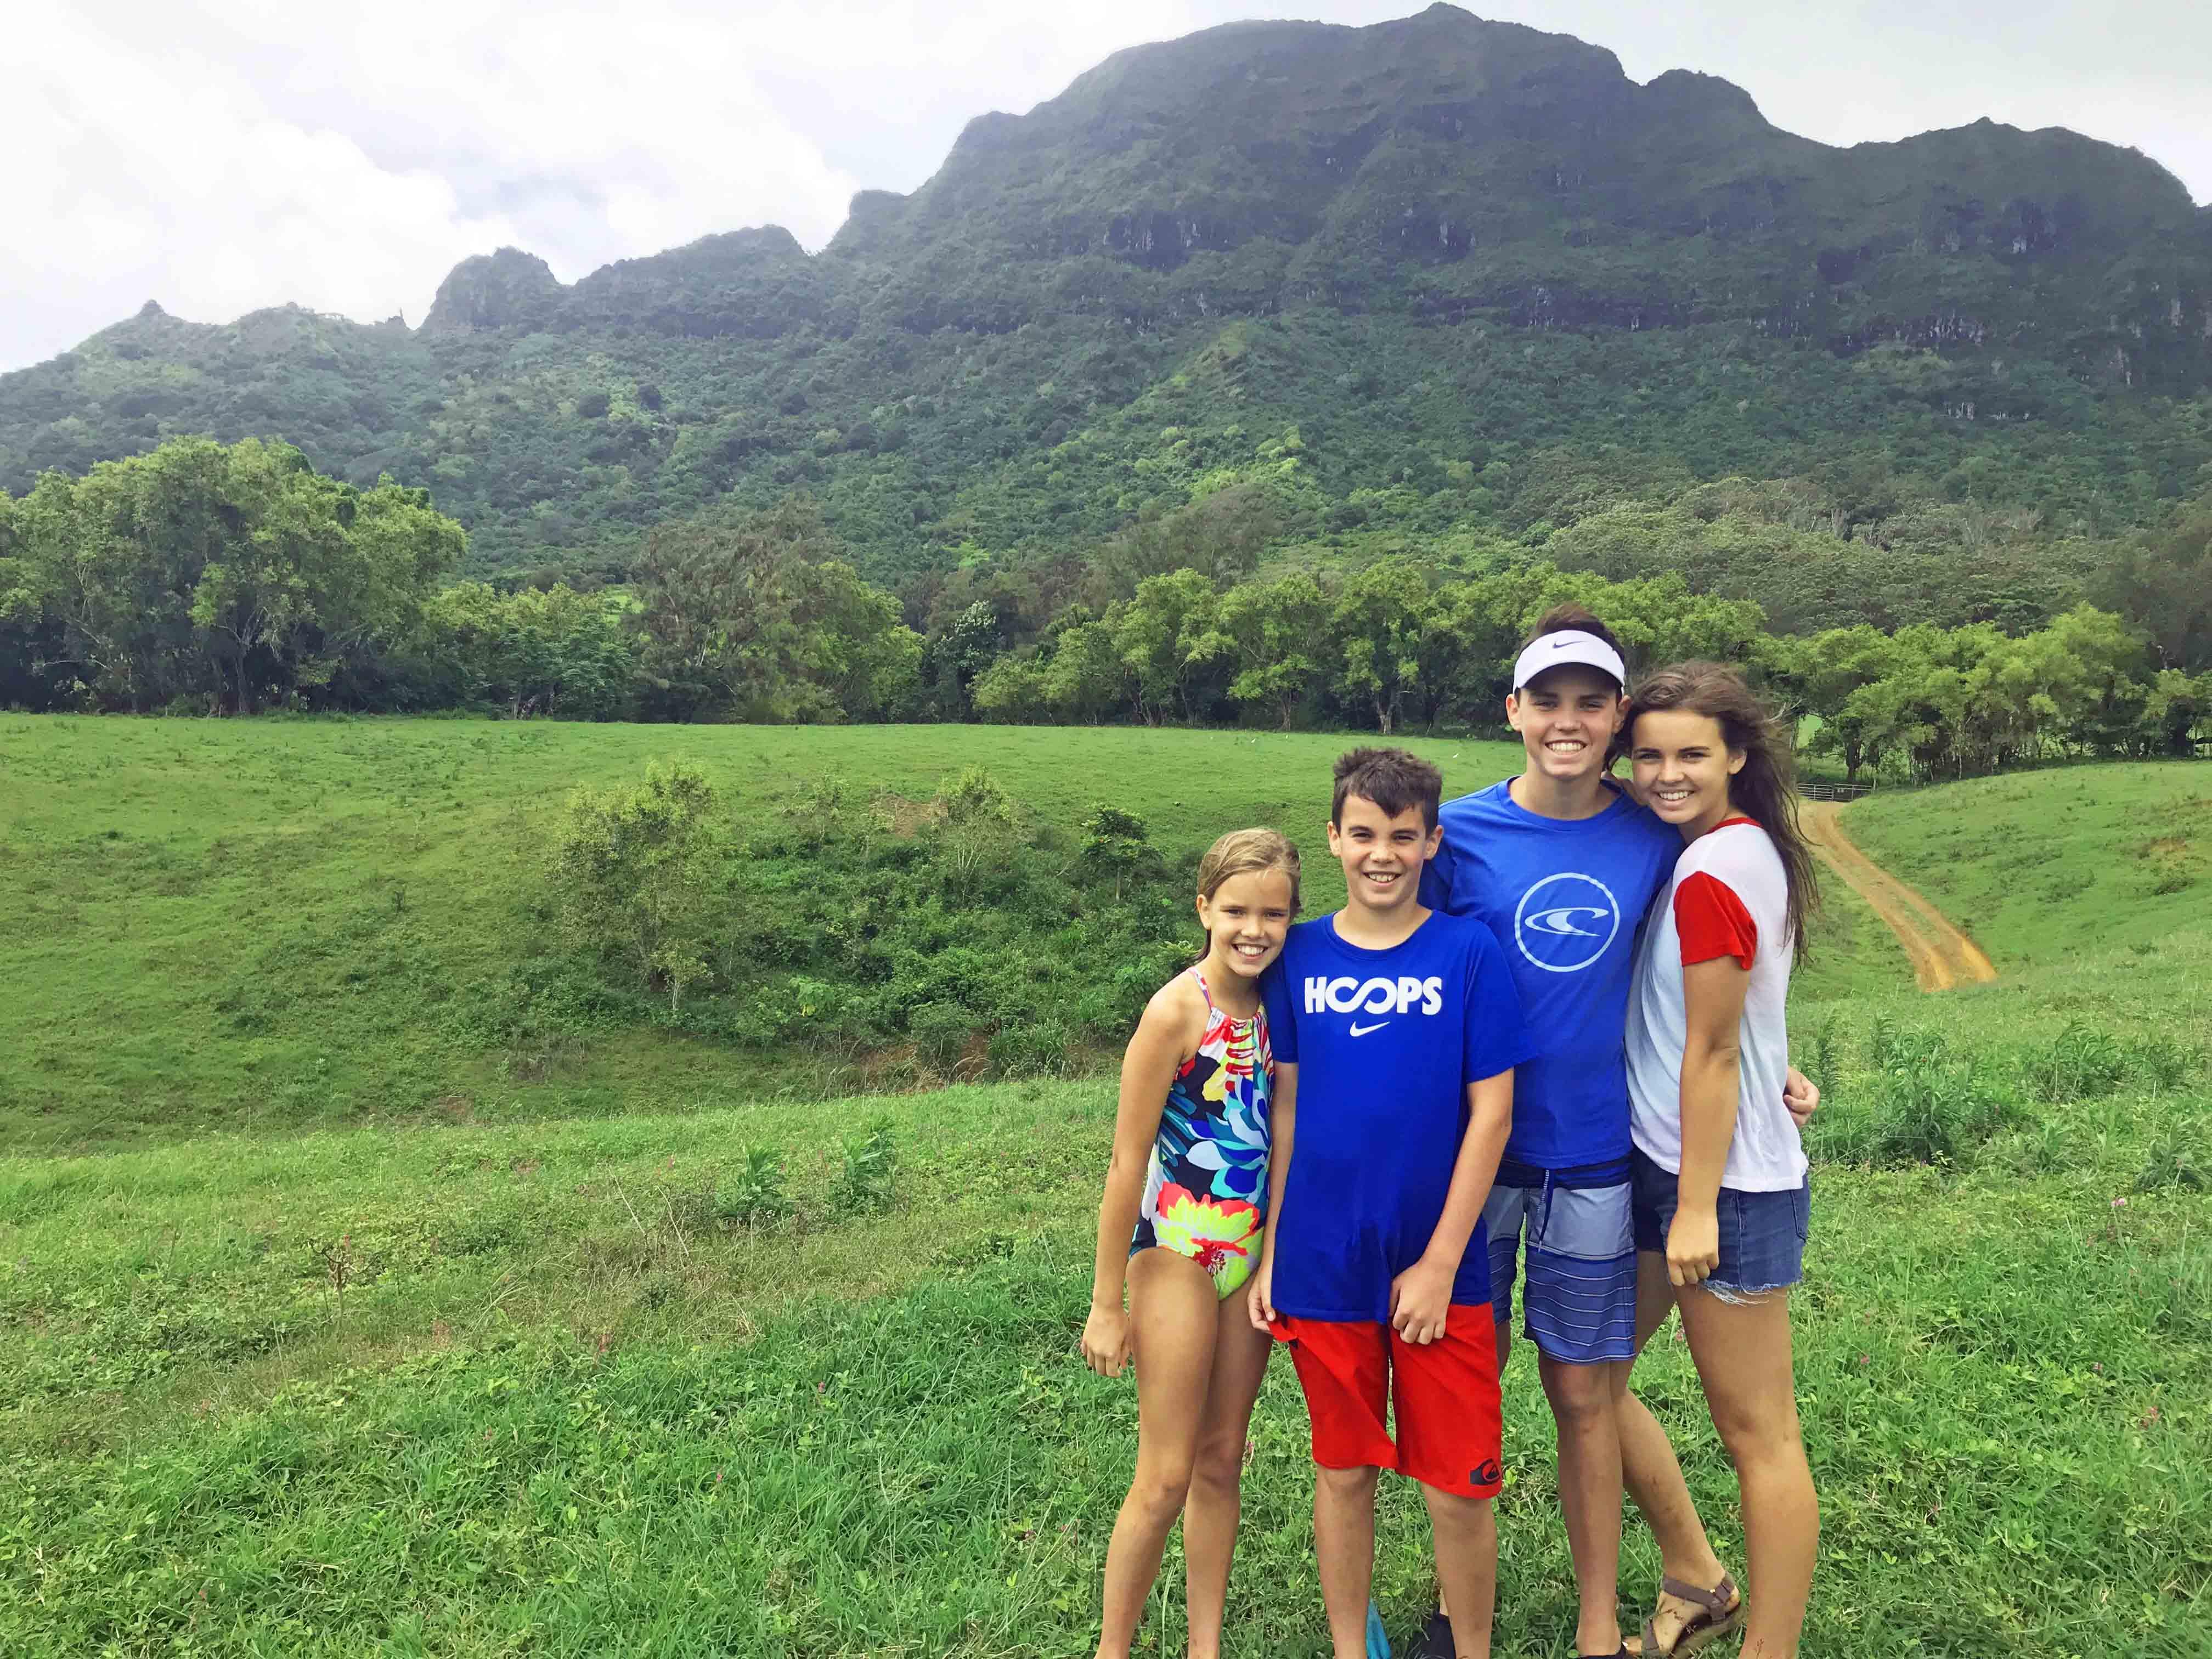 Kauai Travel Guide. Kauai Hawaii Ranch Excursion